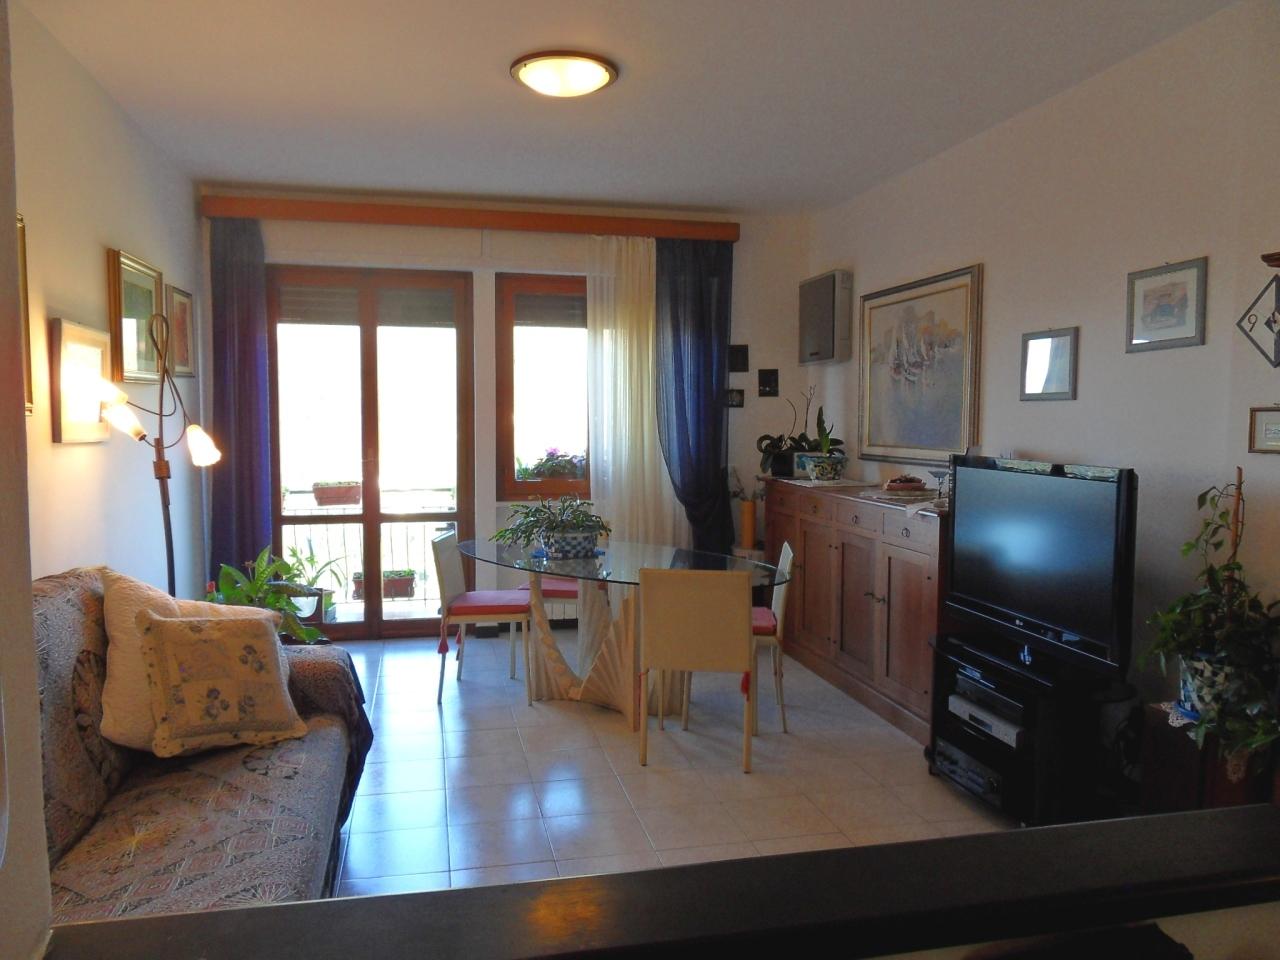 Appartamento in vendita a Bogliasco, 4 locali, prezzo € 280.000 | CambioCasa.it